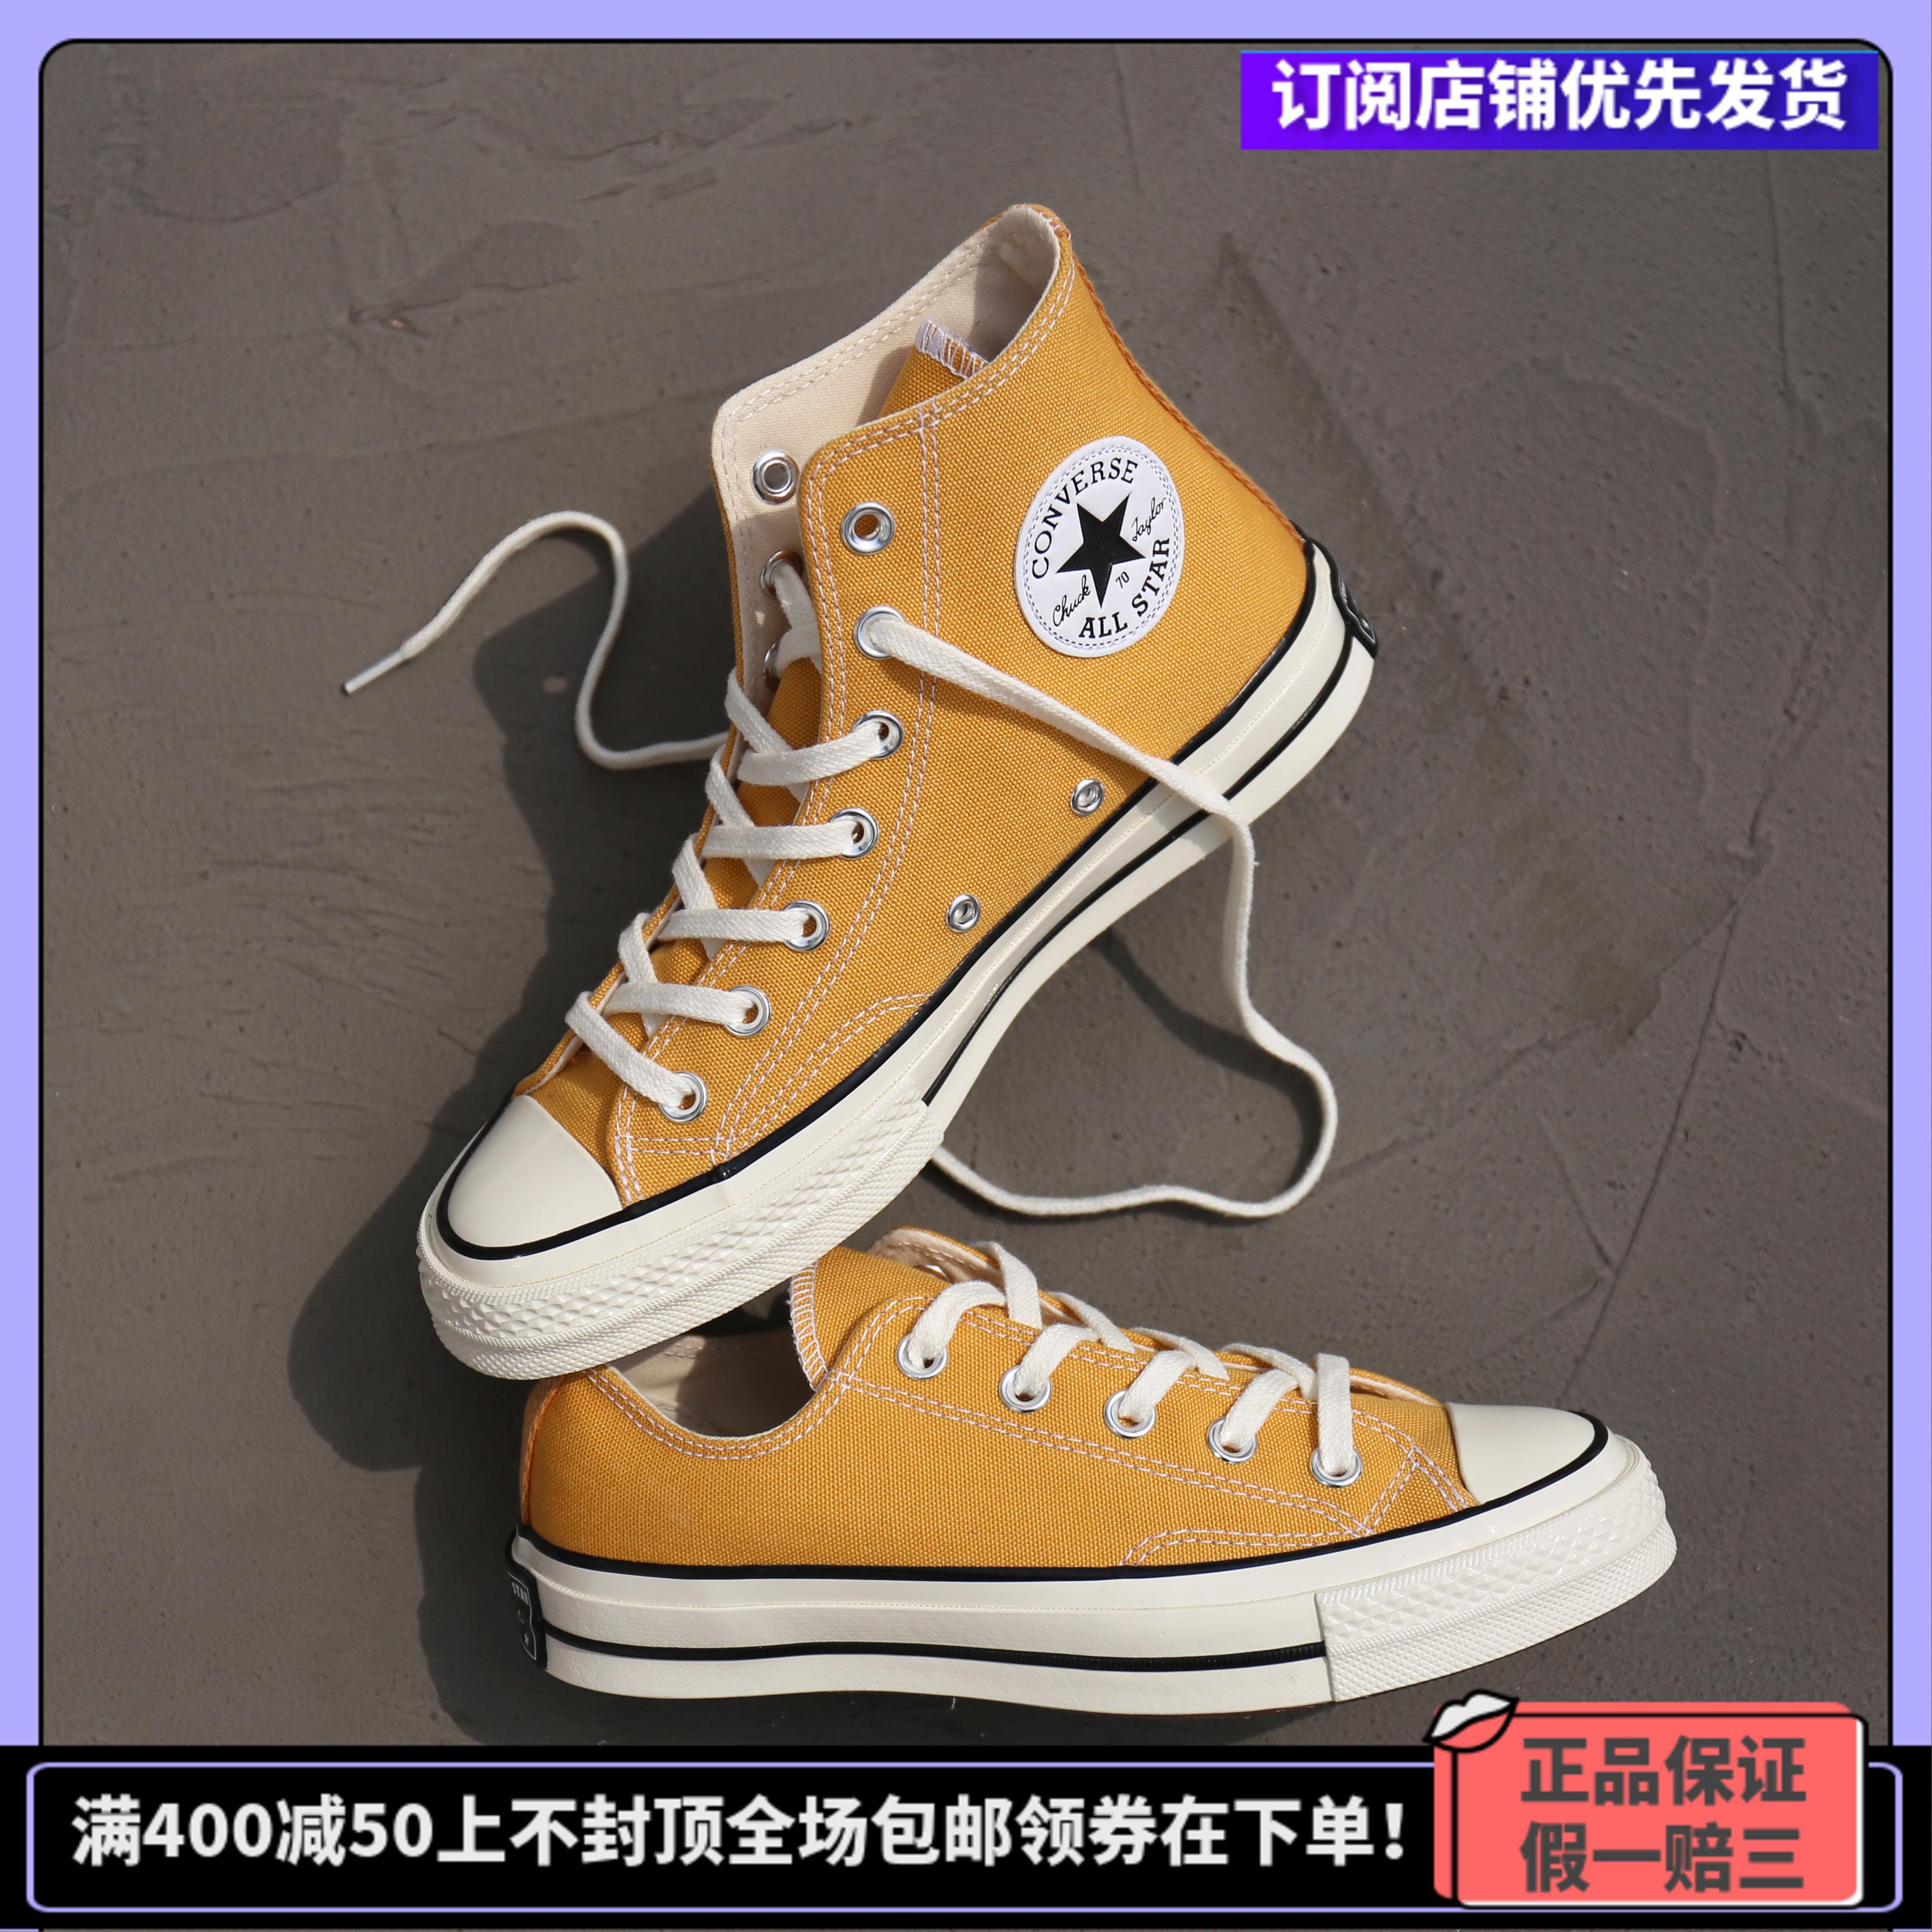 黄色高帮鞋 Converse 匡威1970s黄色高帮黄色低帮三星标帆布鞋162054c162063c_推荐淘宝好看的黄色高帮鞋